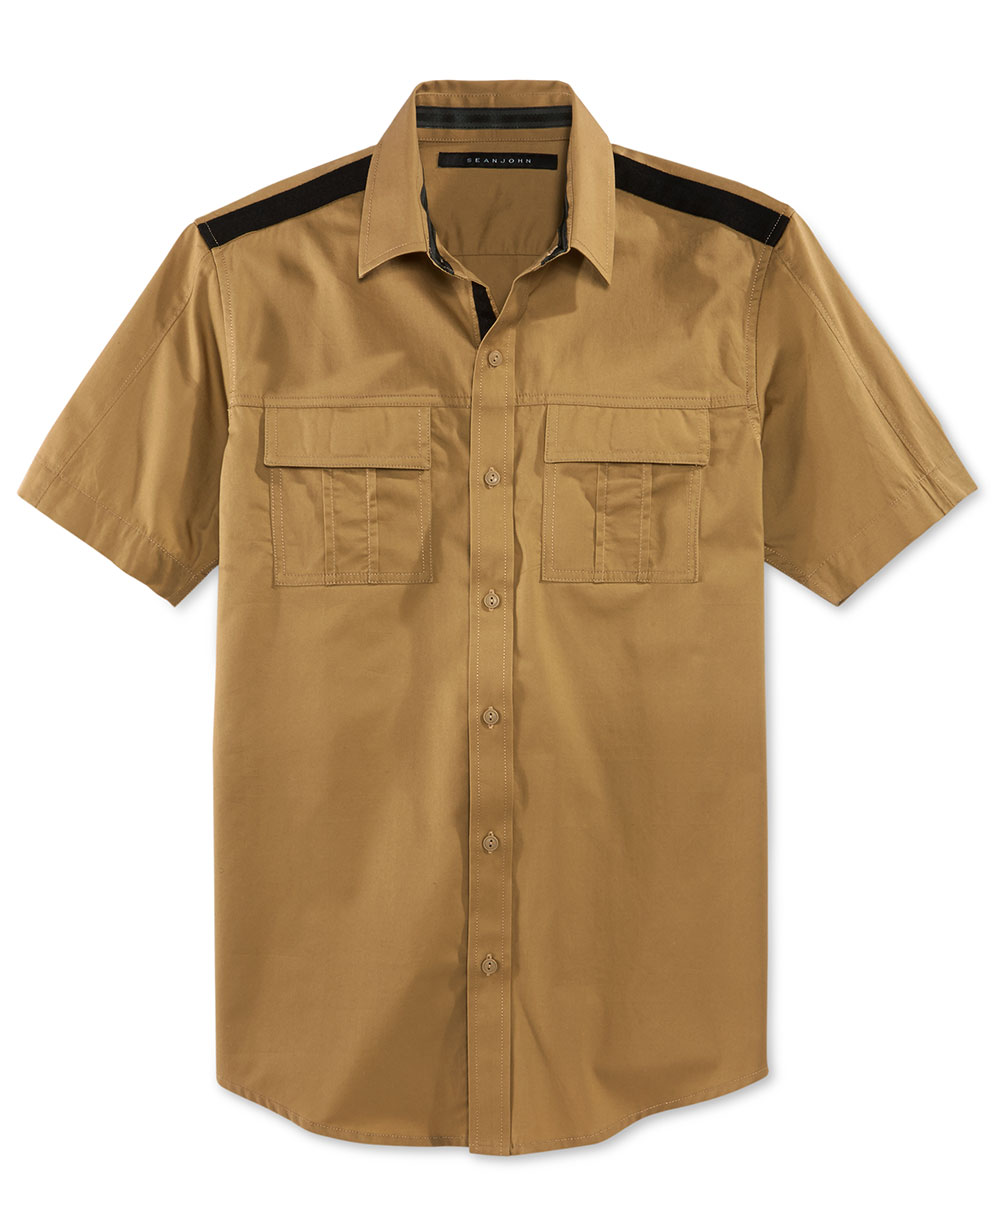 brownboysshirt.jpg